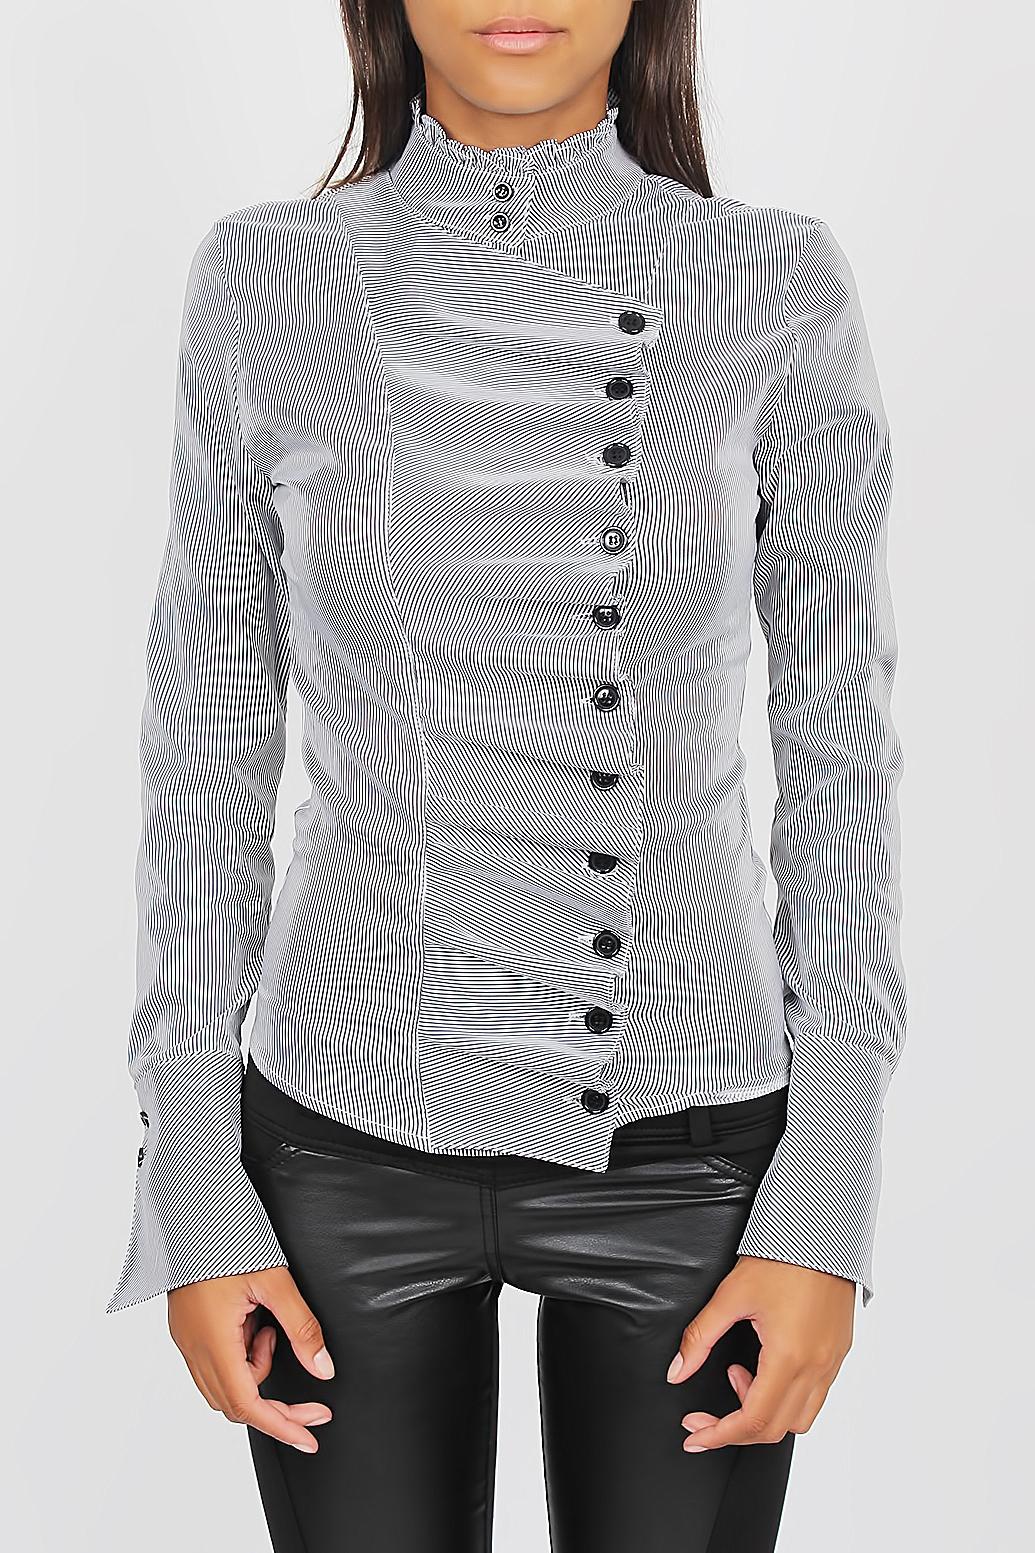 The Amazon elegante blouse. Dit getailleerde model heeft een opstaand kraagje met knopen en lange mouwen. De knopenrij aan de voorzijde geeft de blouse een geplooid effect.